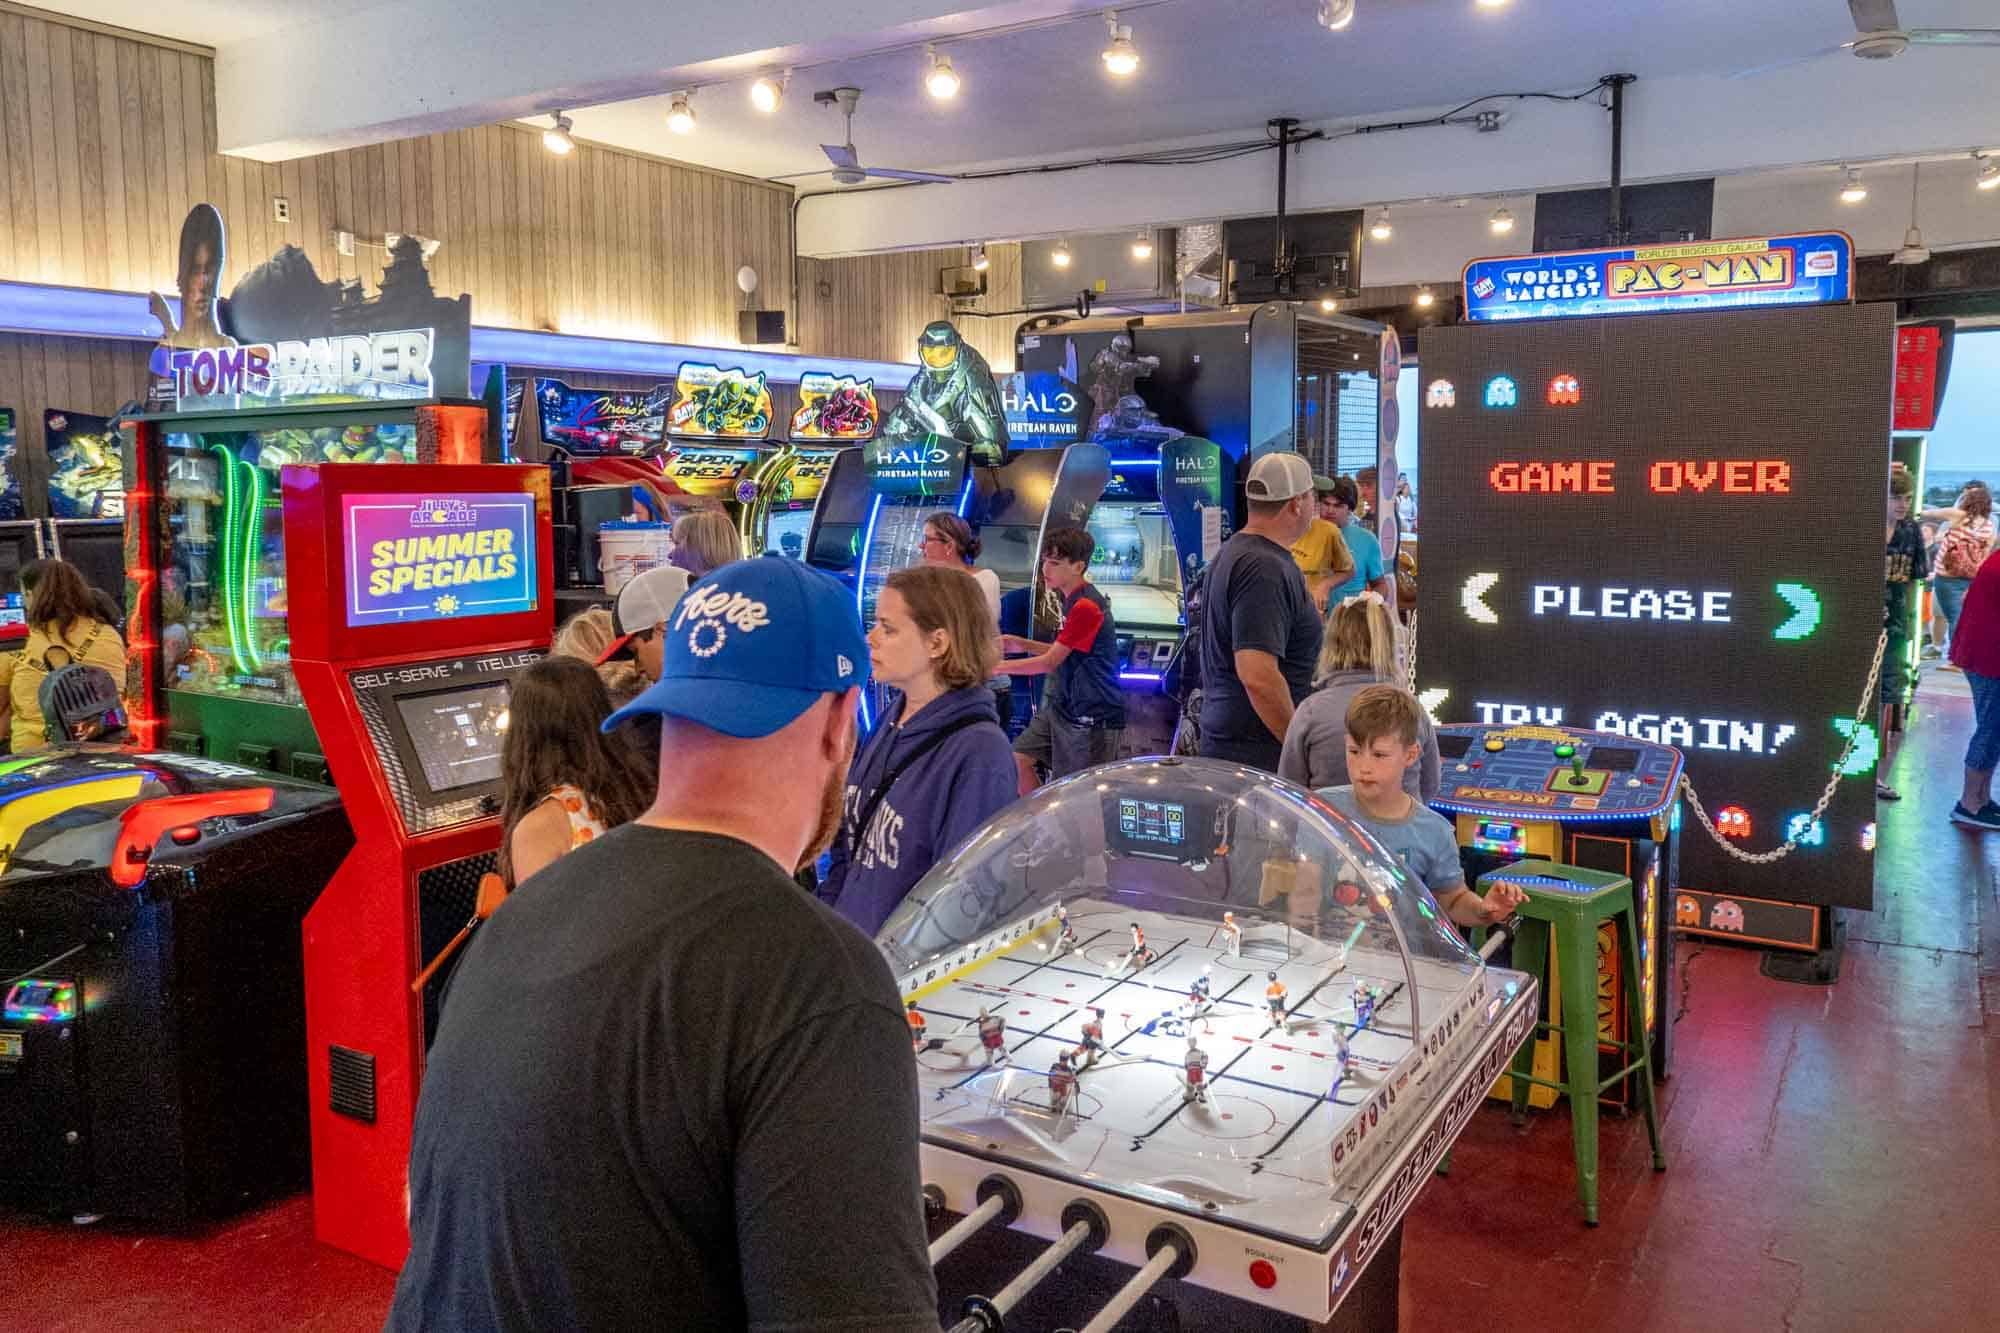 Foosball table at indoor arcade